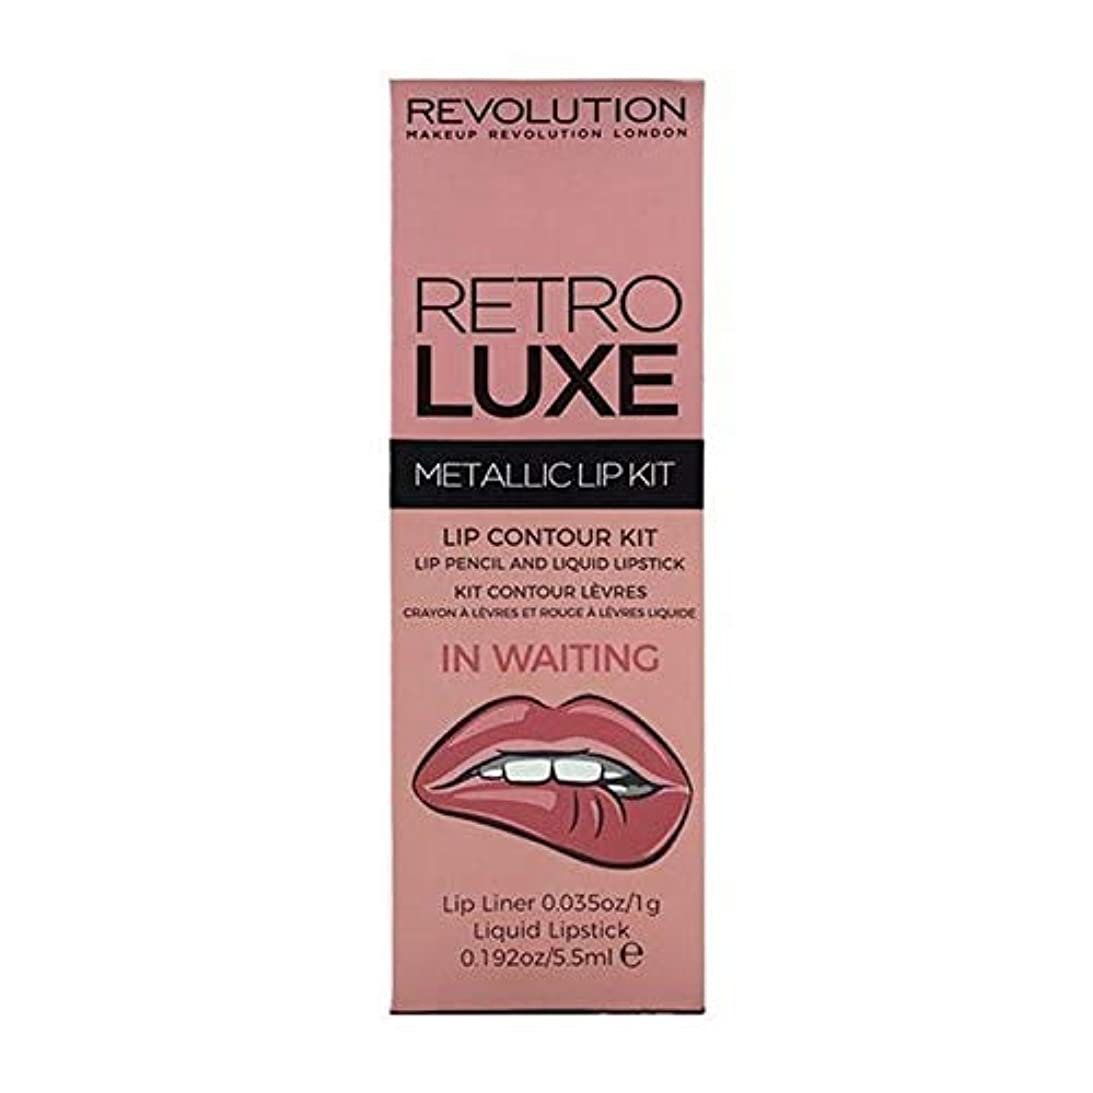 フレッシュ腸つまずく[Revolution ] 待っているの革命レトロデラックスキットメタリック - Revolution Retro Luxe Kits Metallic In Waiting [並行輸入品]